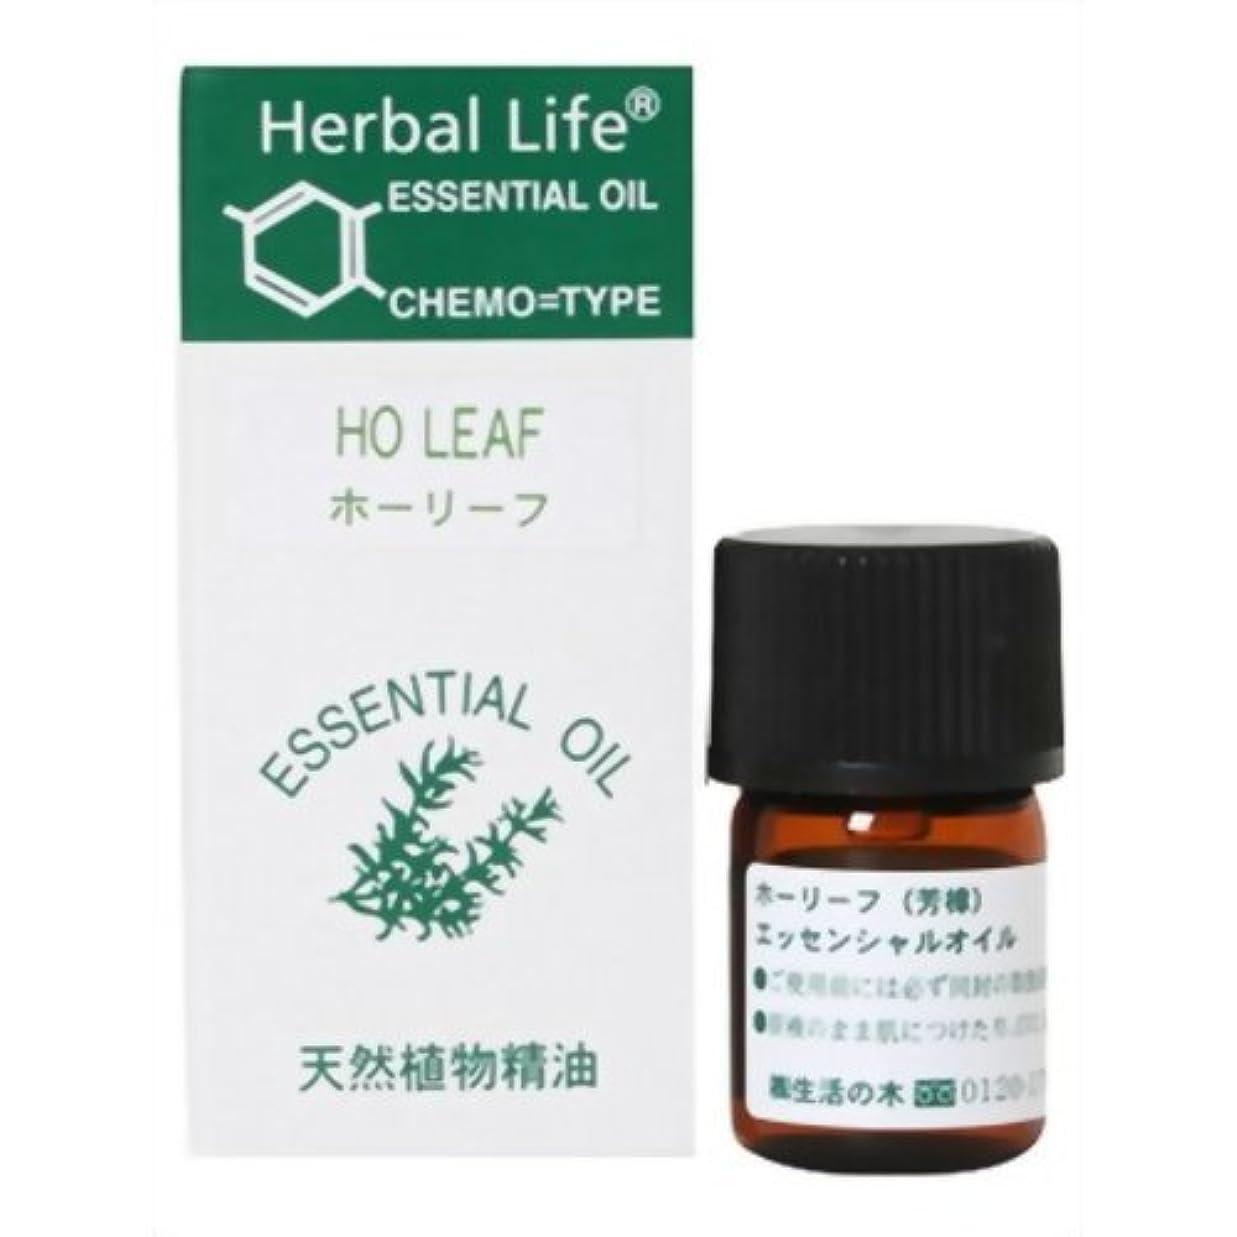 遺産最高単調な生活の木 Herbal Life ホーリーフ 3ml